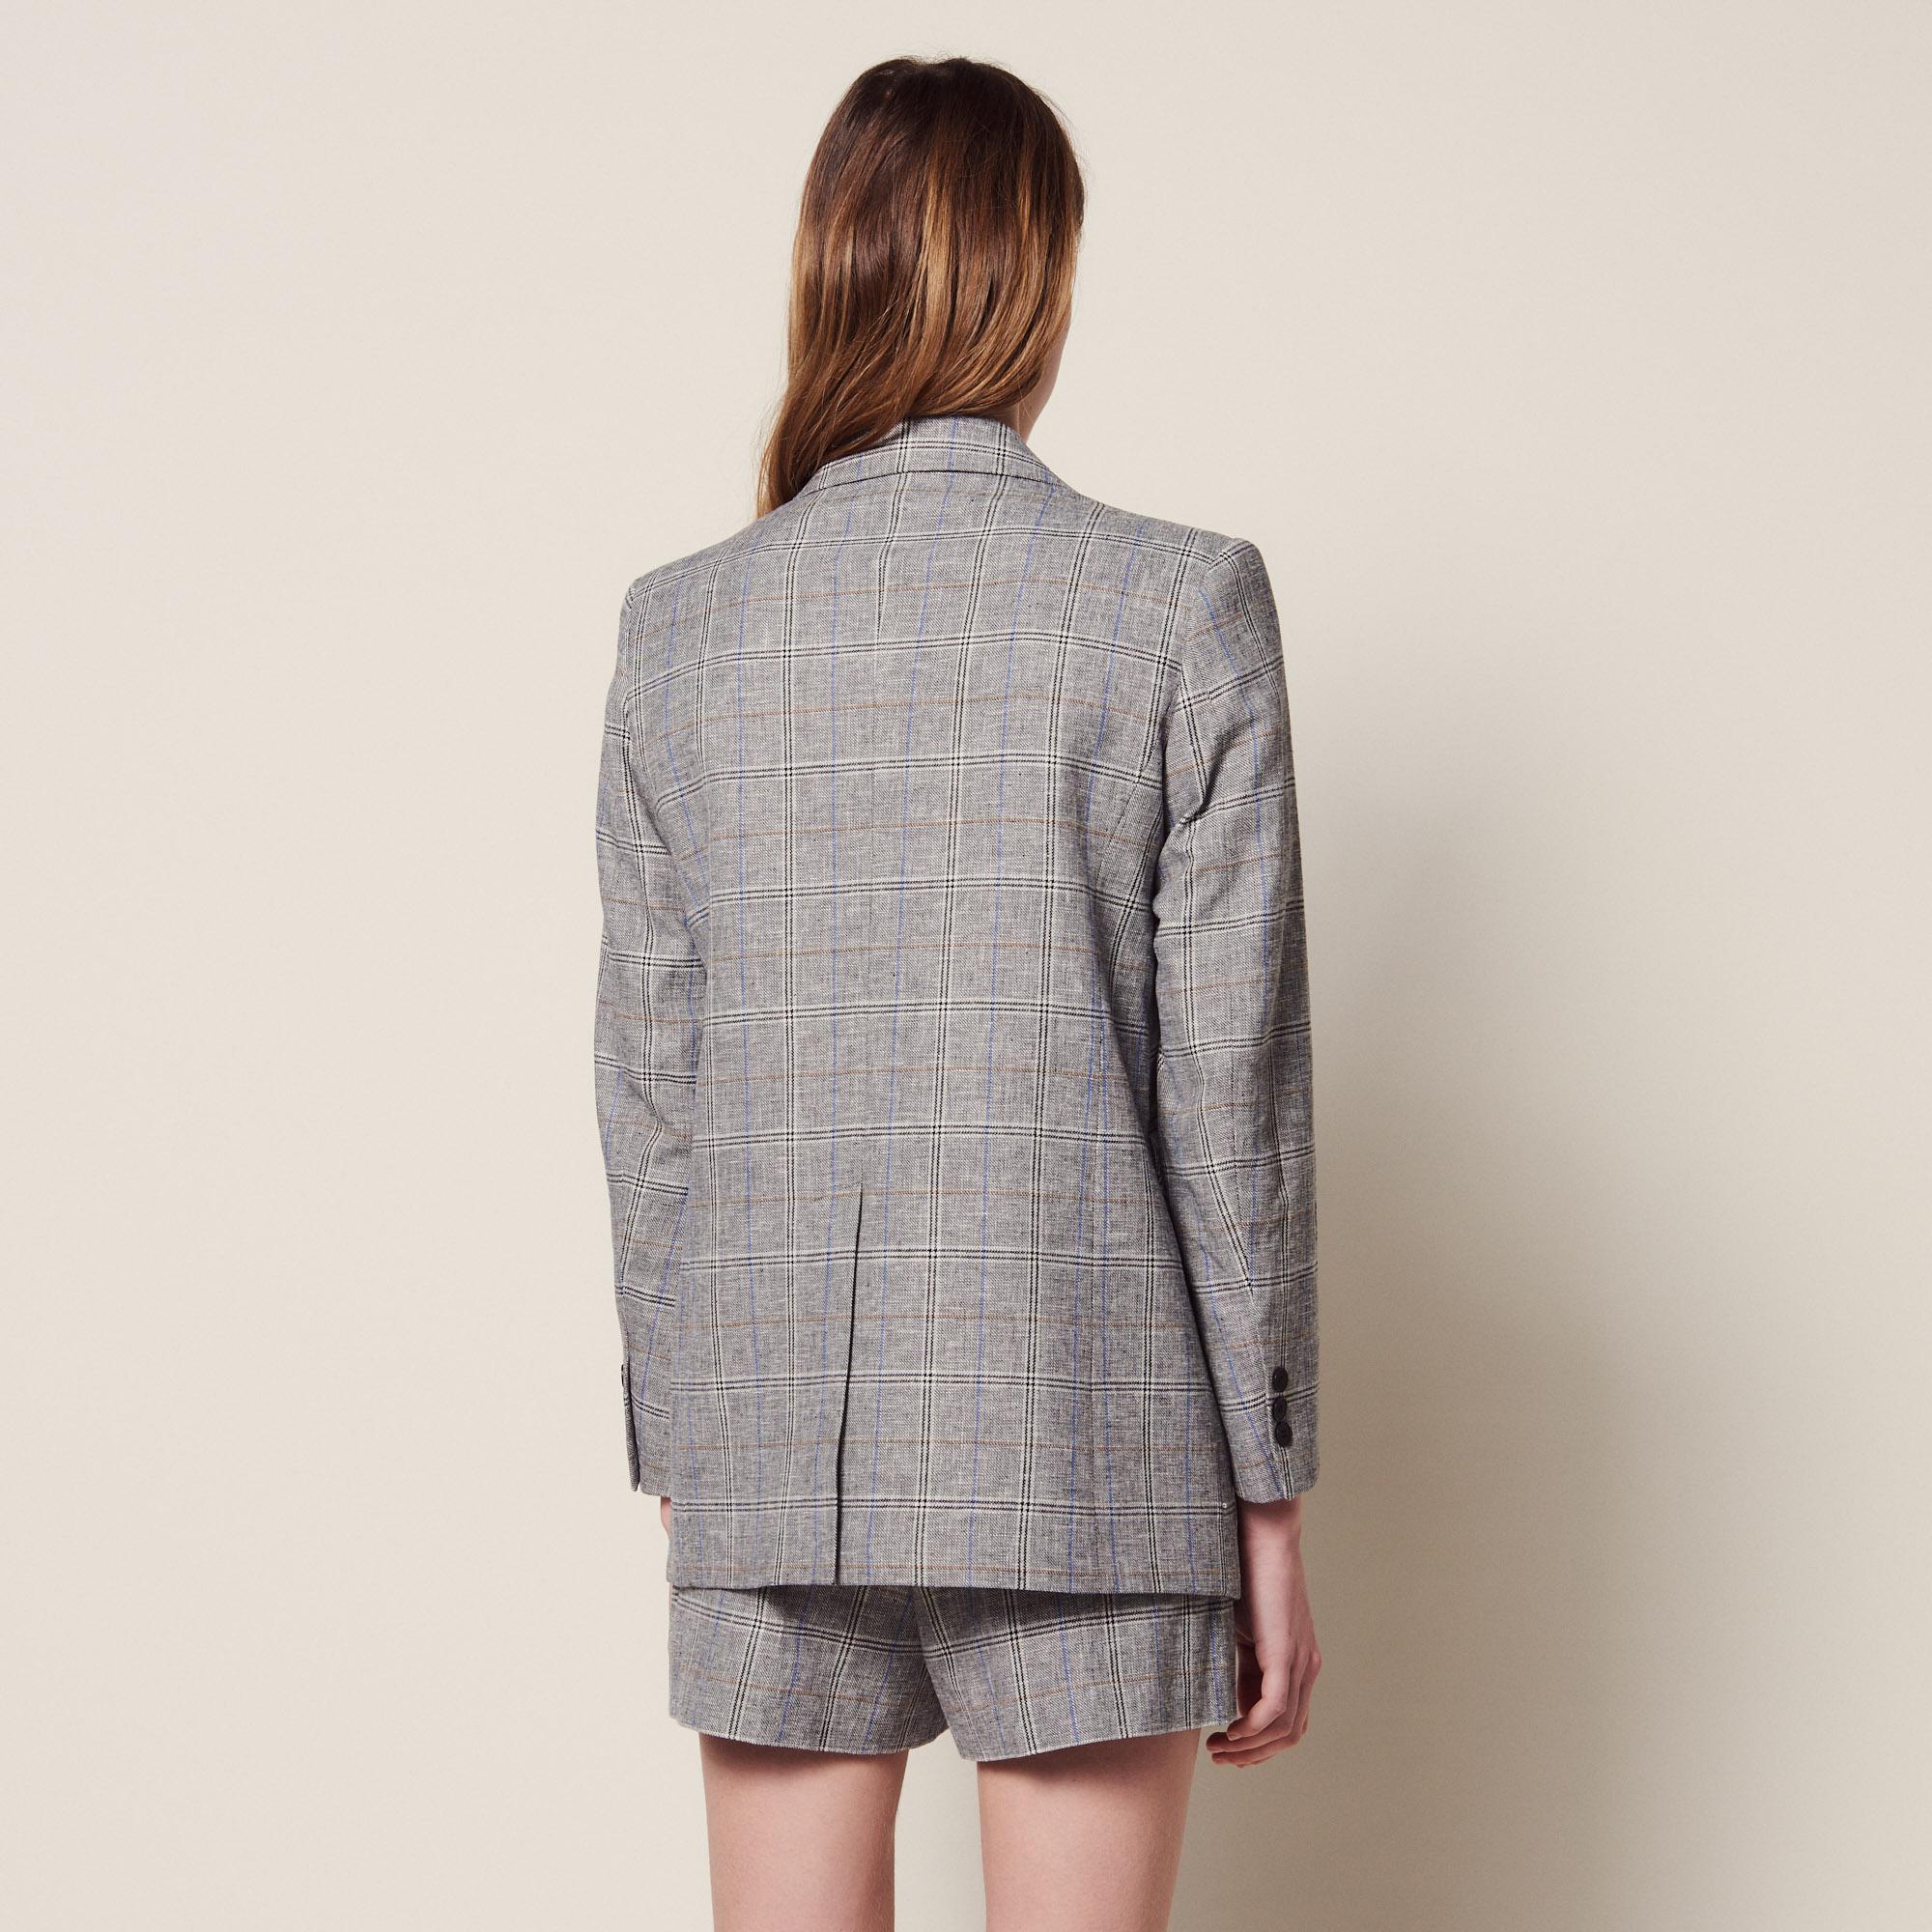 Veste blazer femme sandro